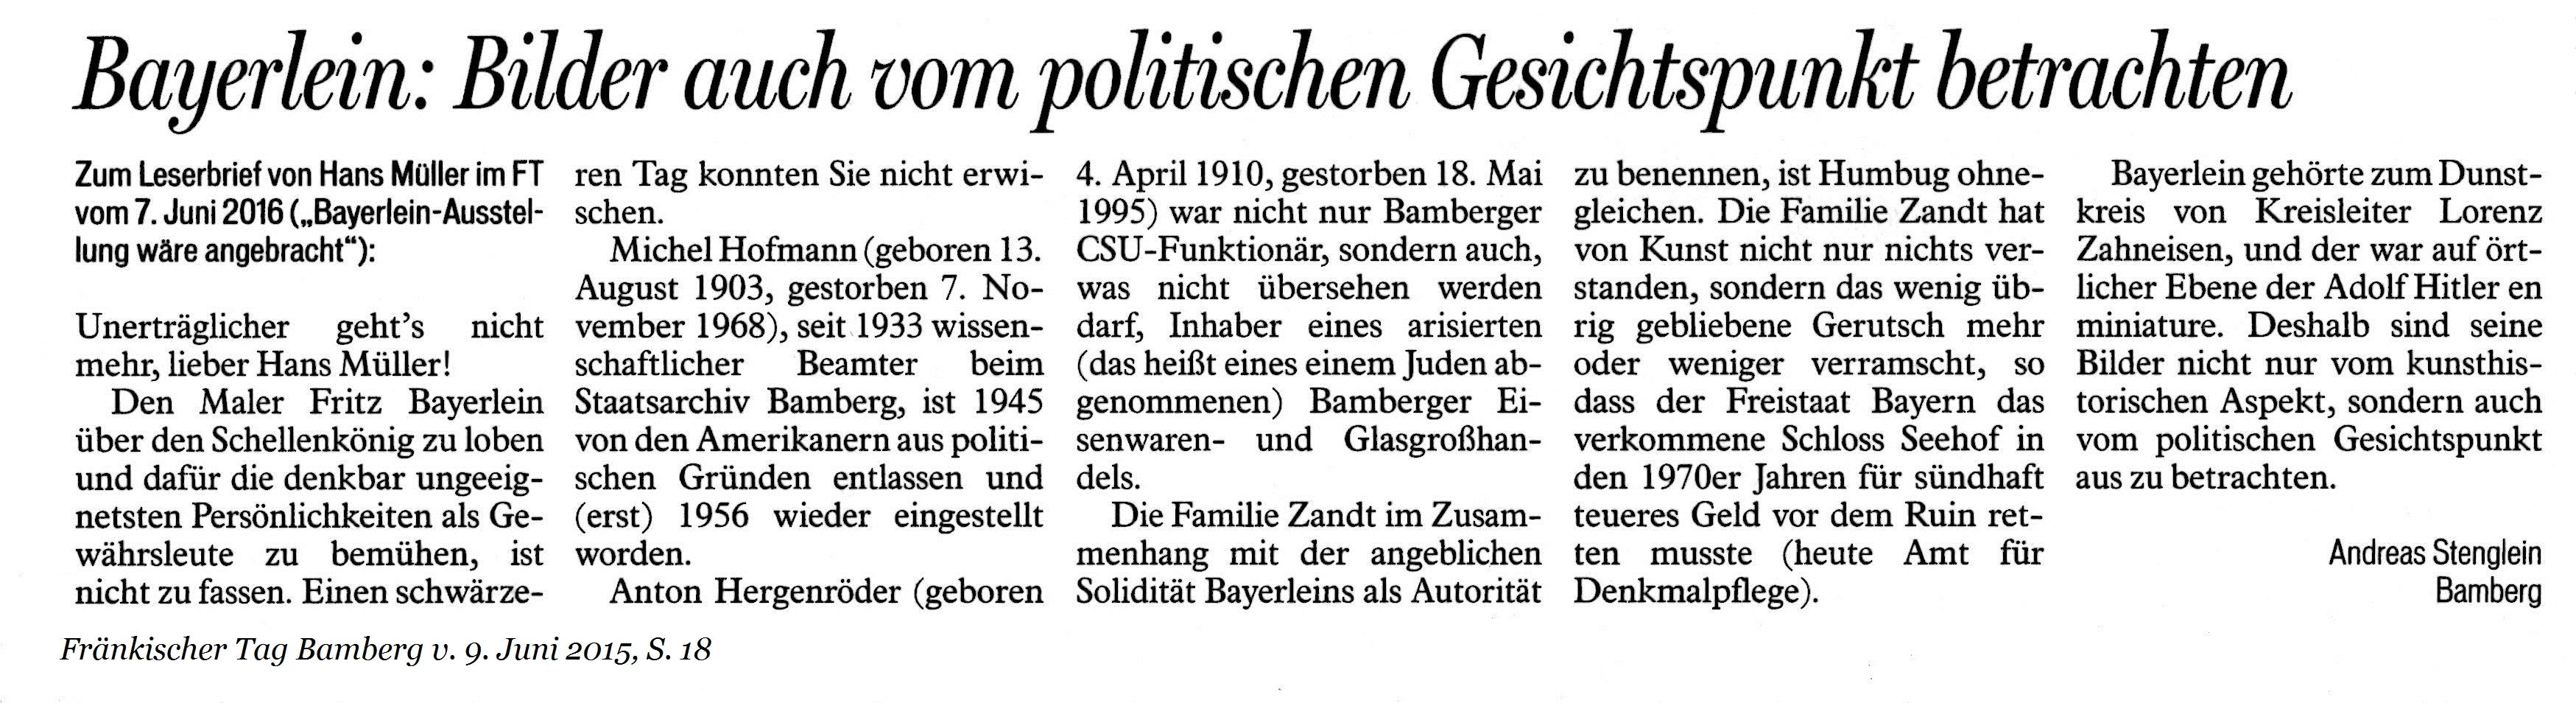 Bayerlein: Bilder auch vom politischen Geischtspunkt betrachten